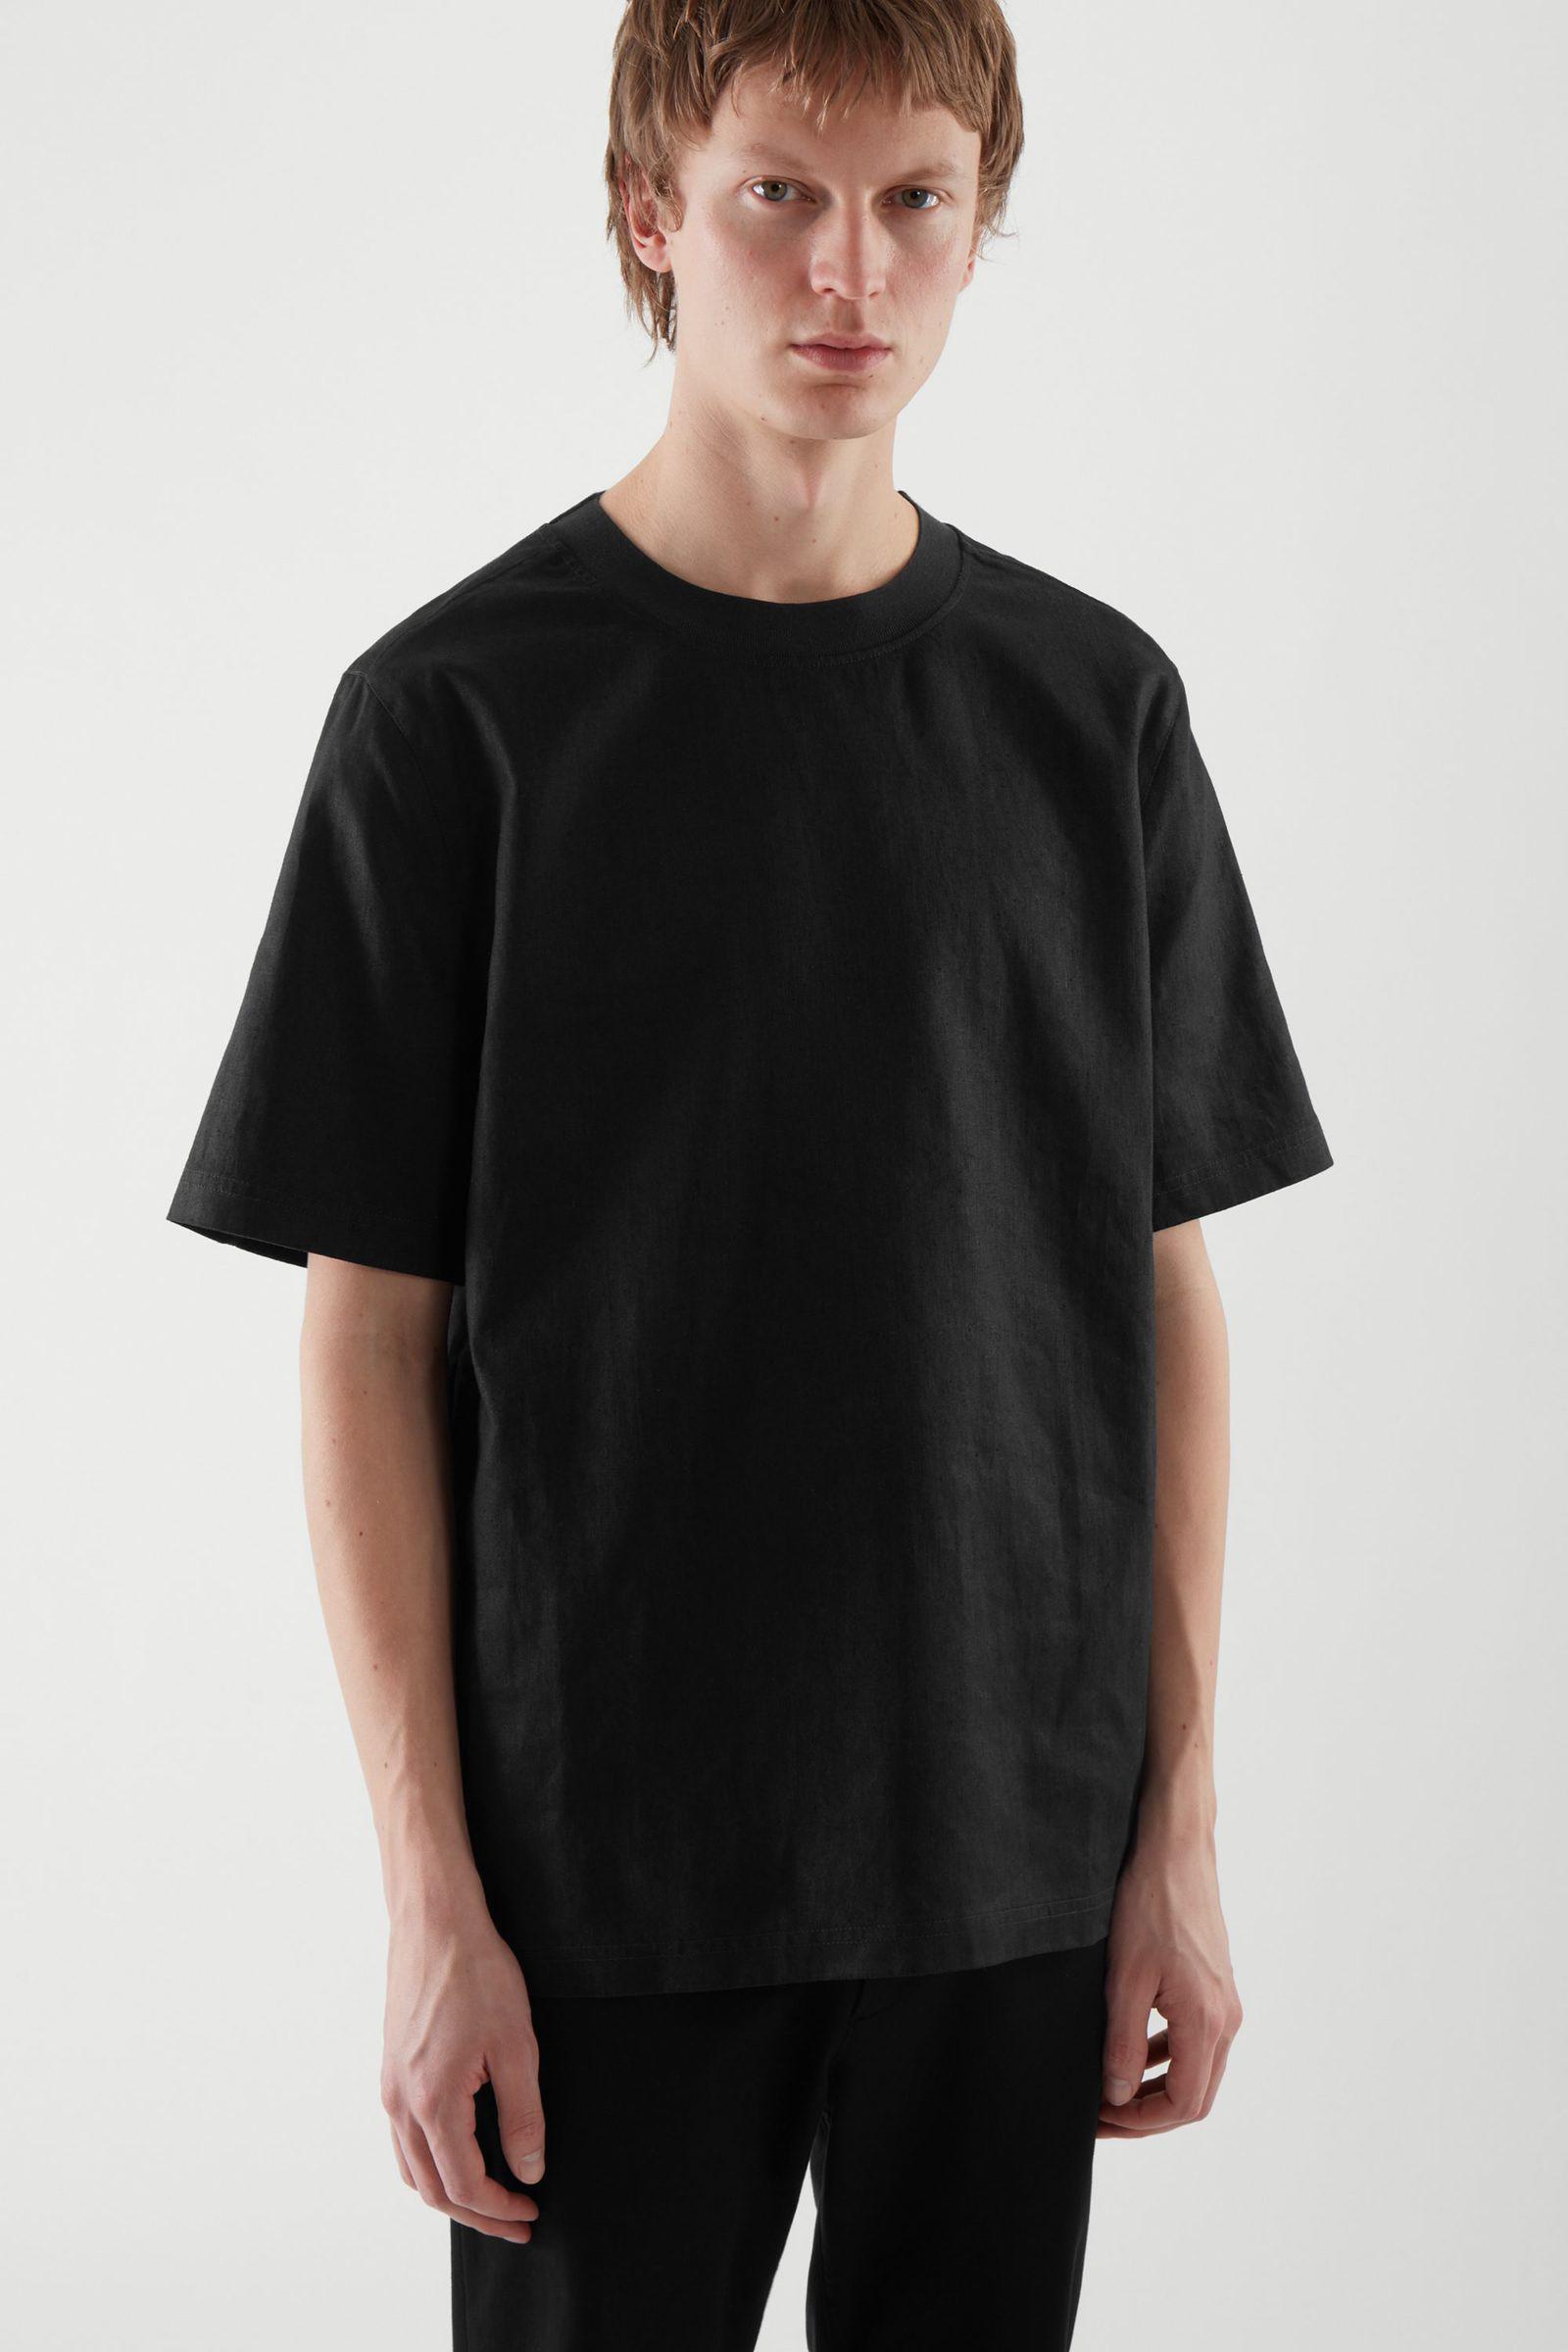 COS 데님 티셔츠의 블랙컬러 ECOMLook입니다.